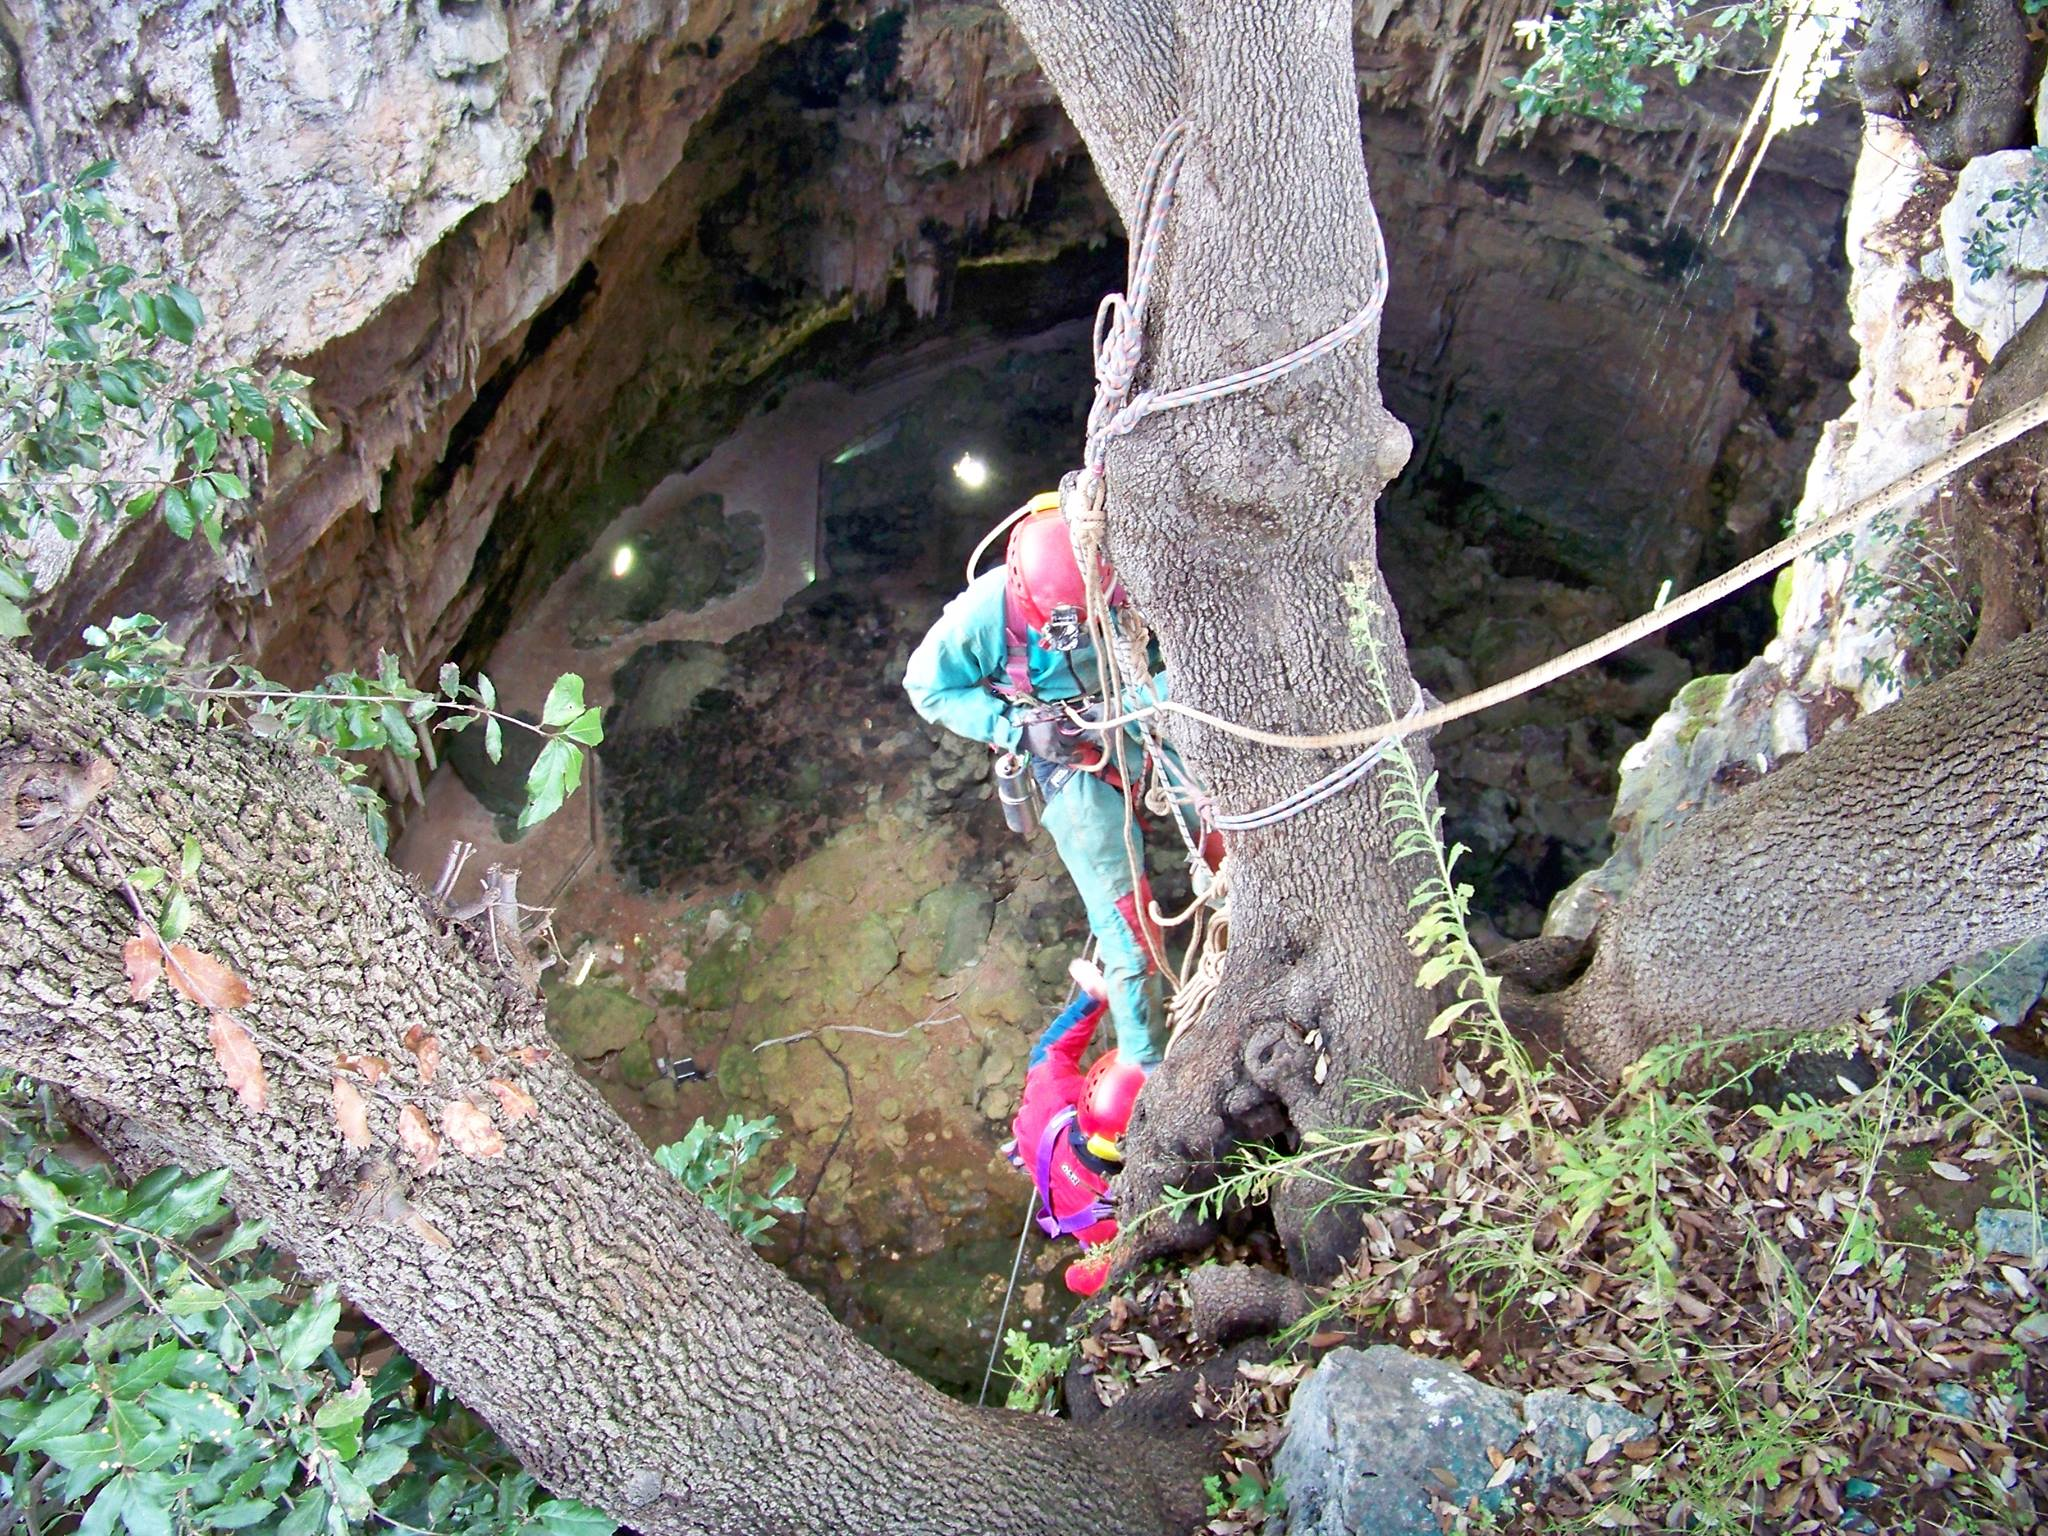 78esimo-anniversario-scoperta-grotte-di-castellana